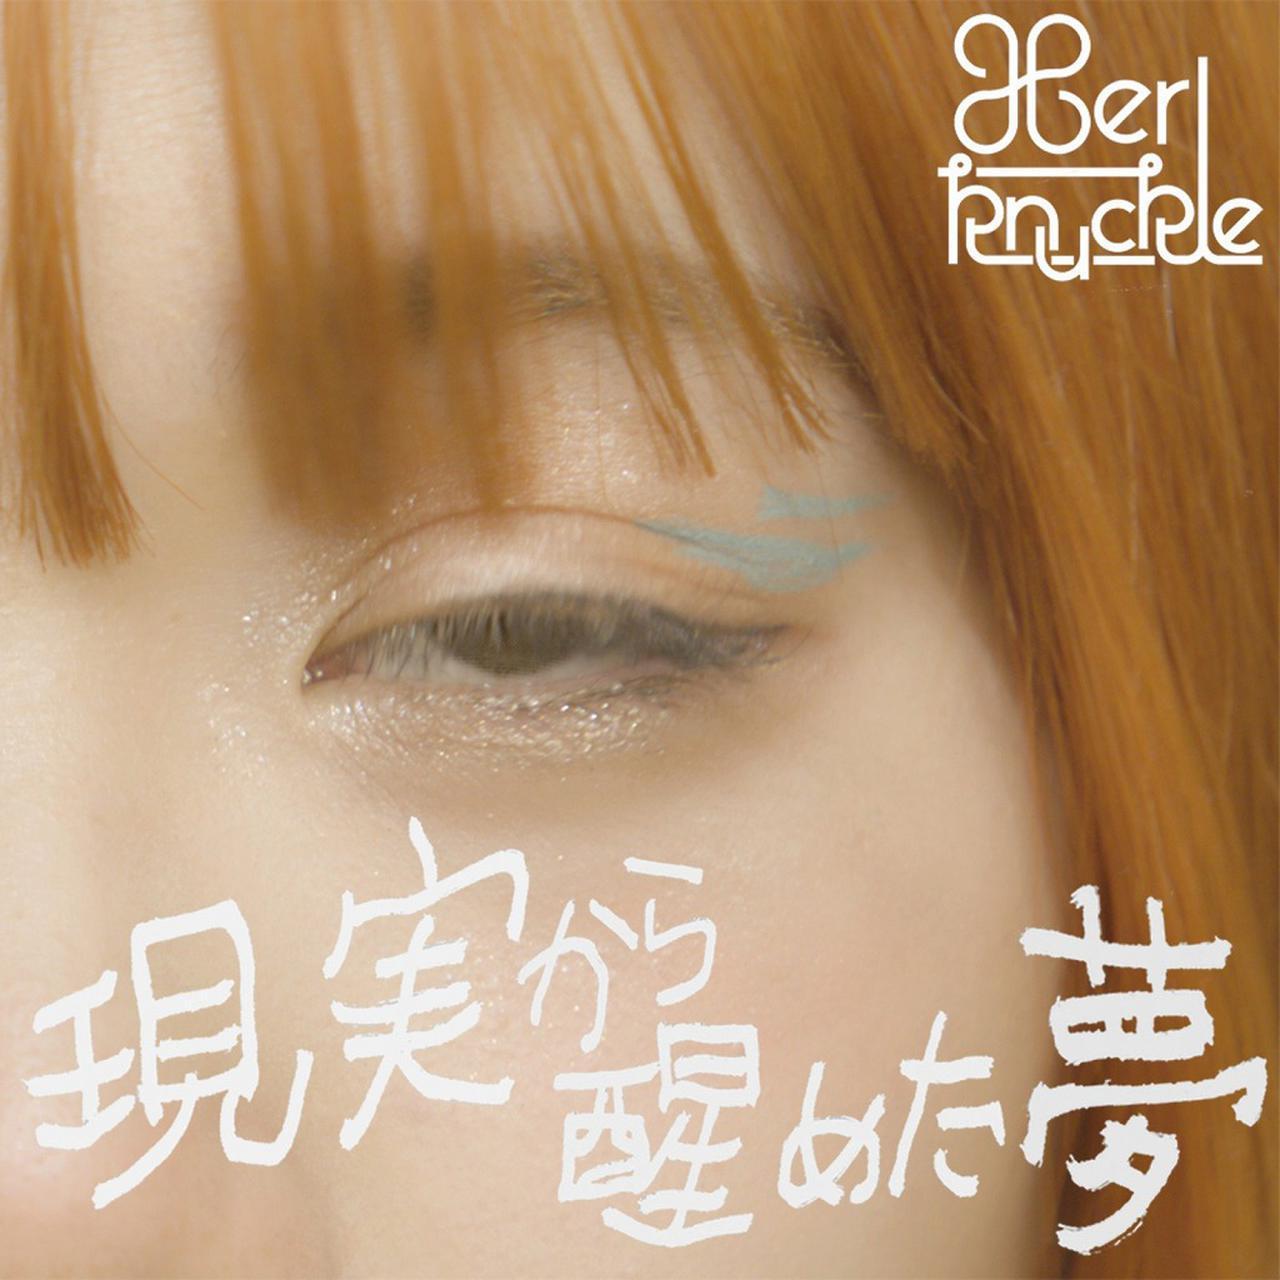 画像: 現実から醒めた夢 / Her knuckle